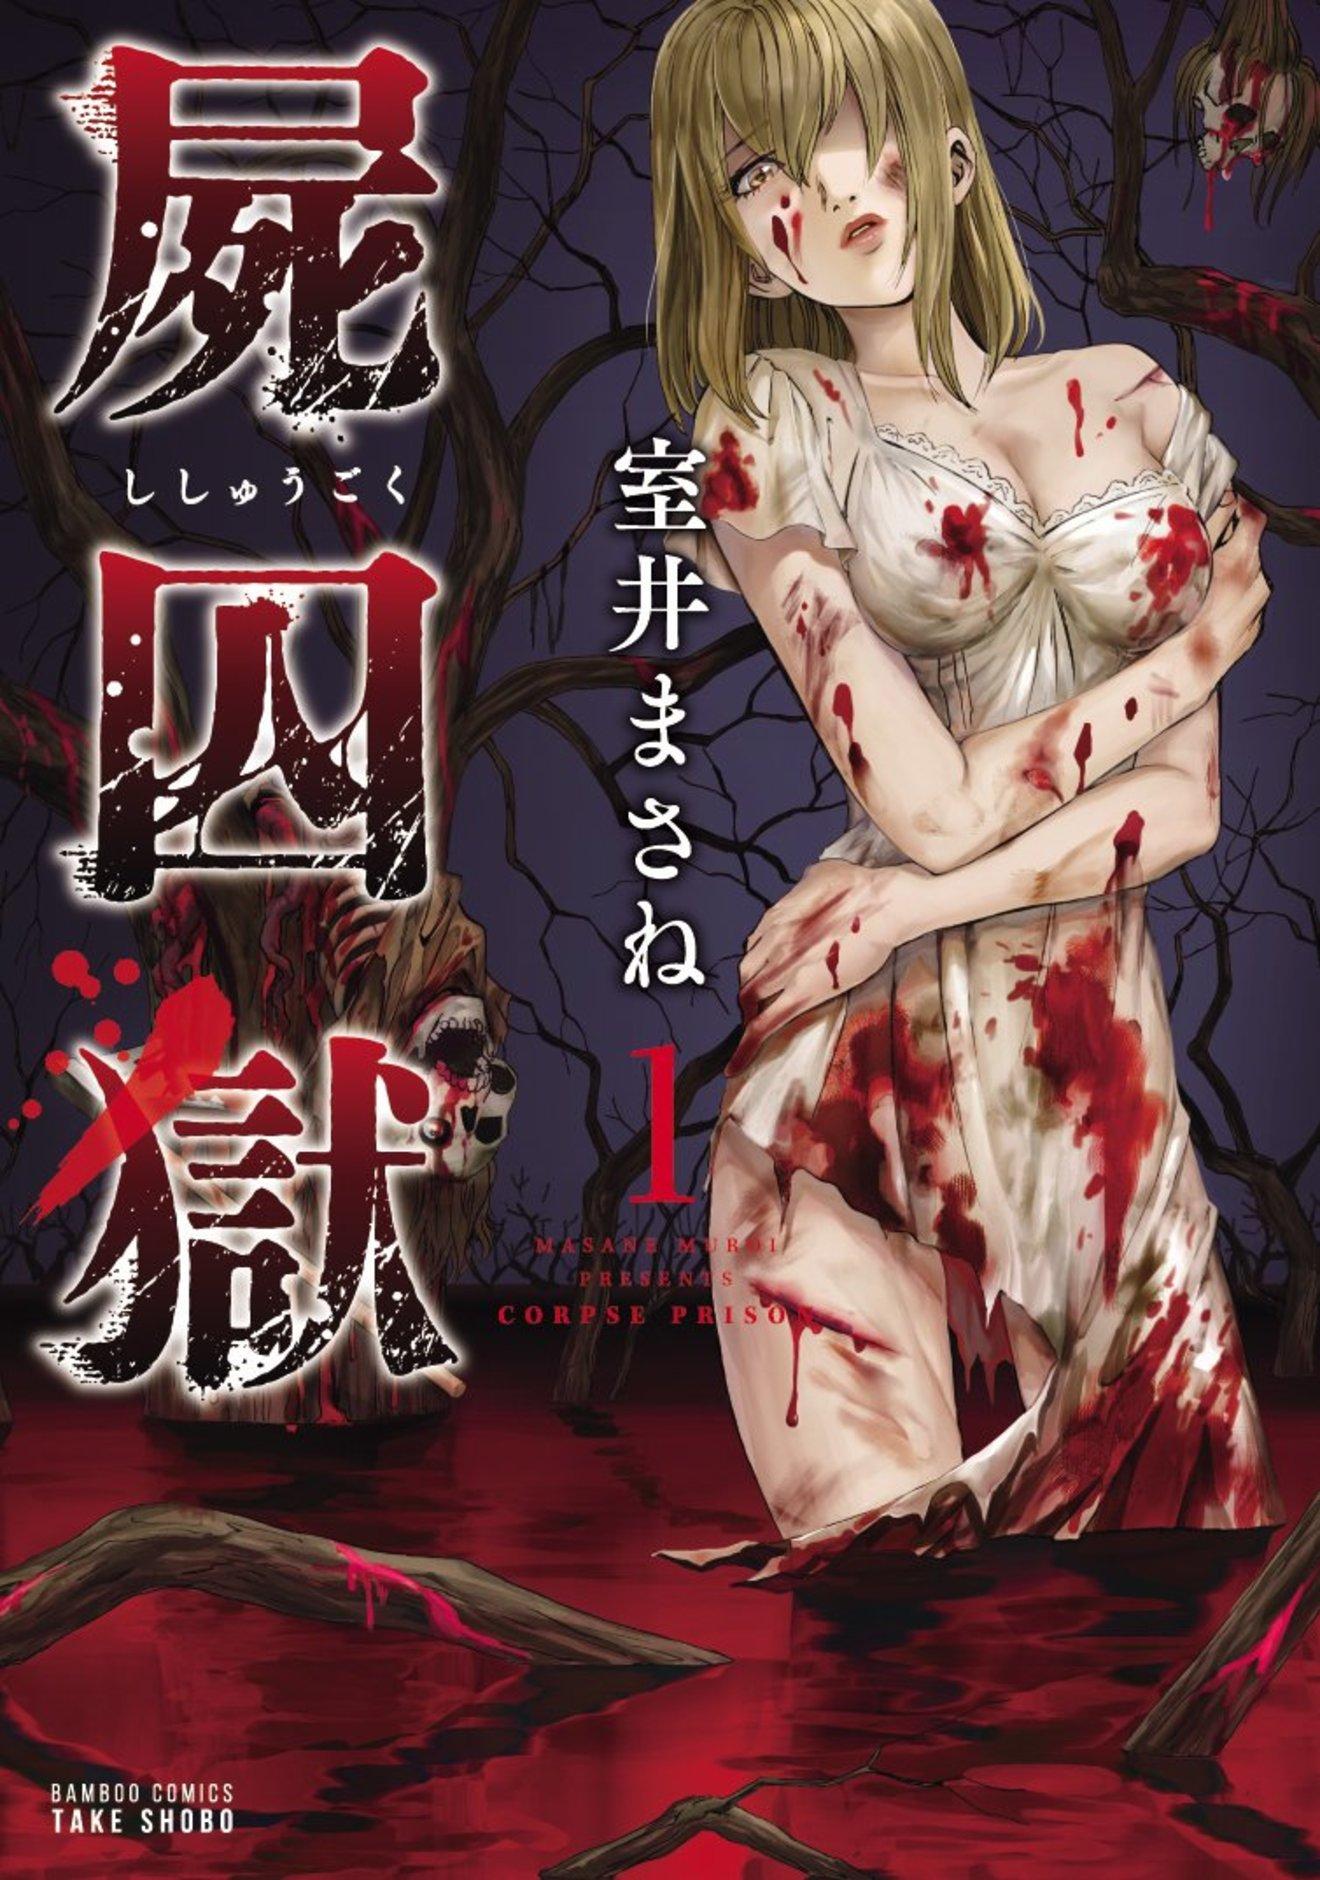 無料で読める漫画『屍囚獄』が怖すぎる!サスペンスホラーの魅力をネタバレ!